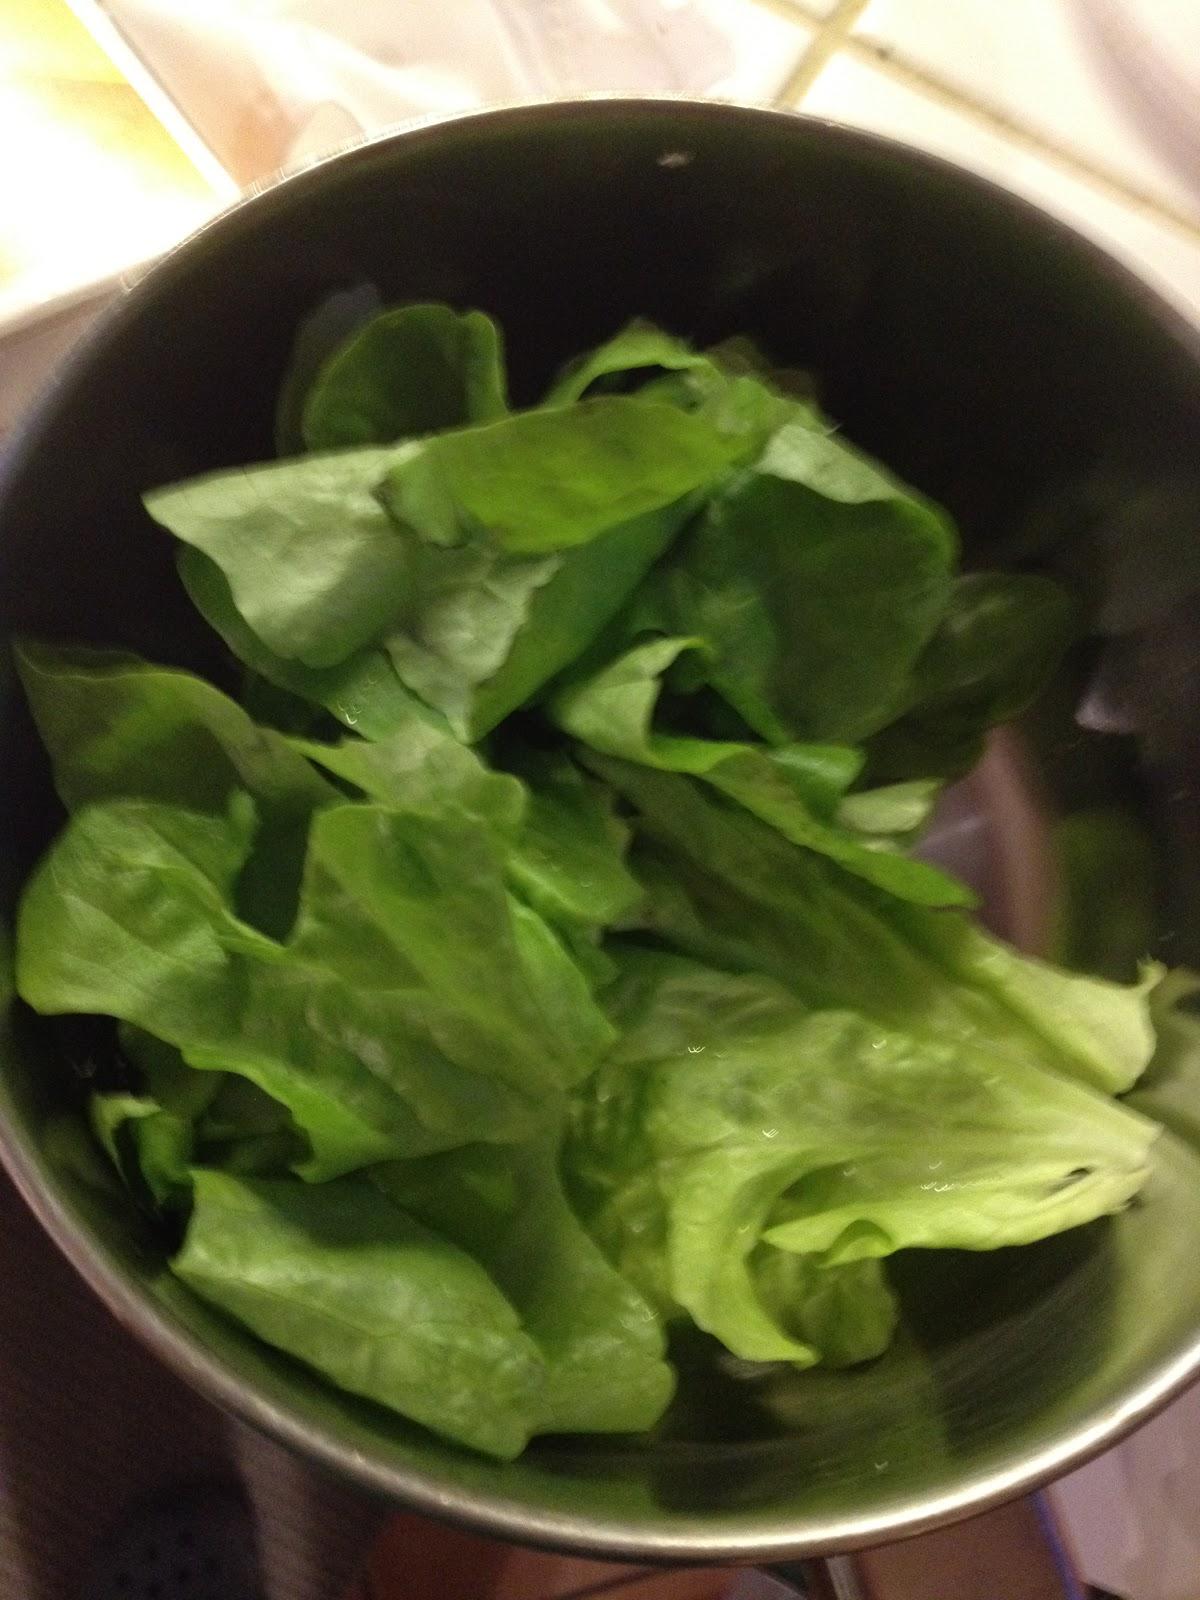 Coloranti alimentari naturali fatti in casa sanotint - Detersivi naturali fatti in casa ...